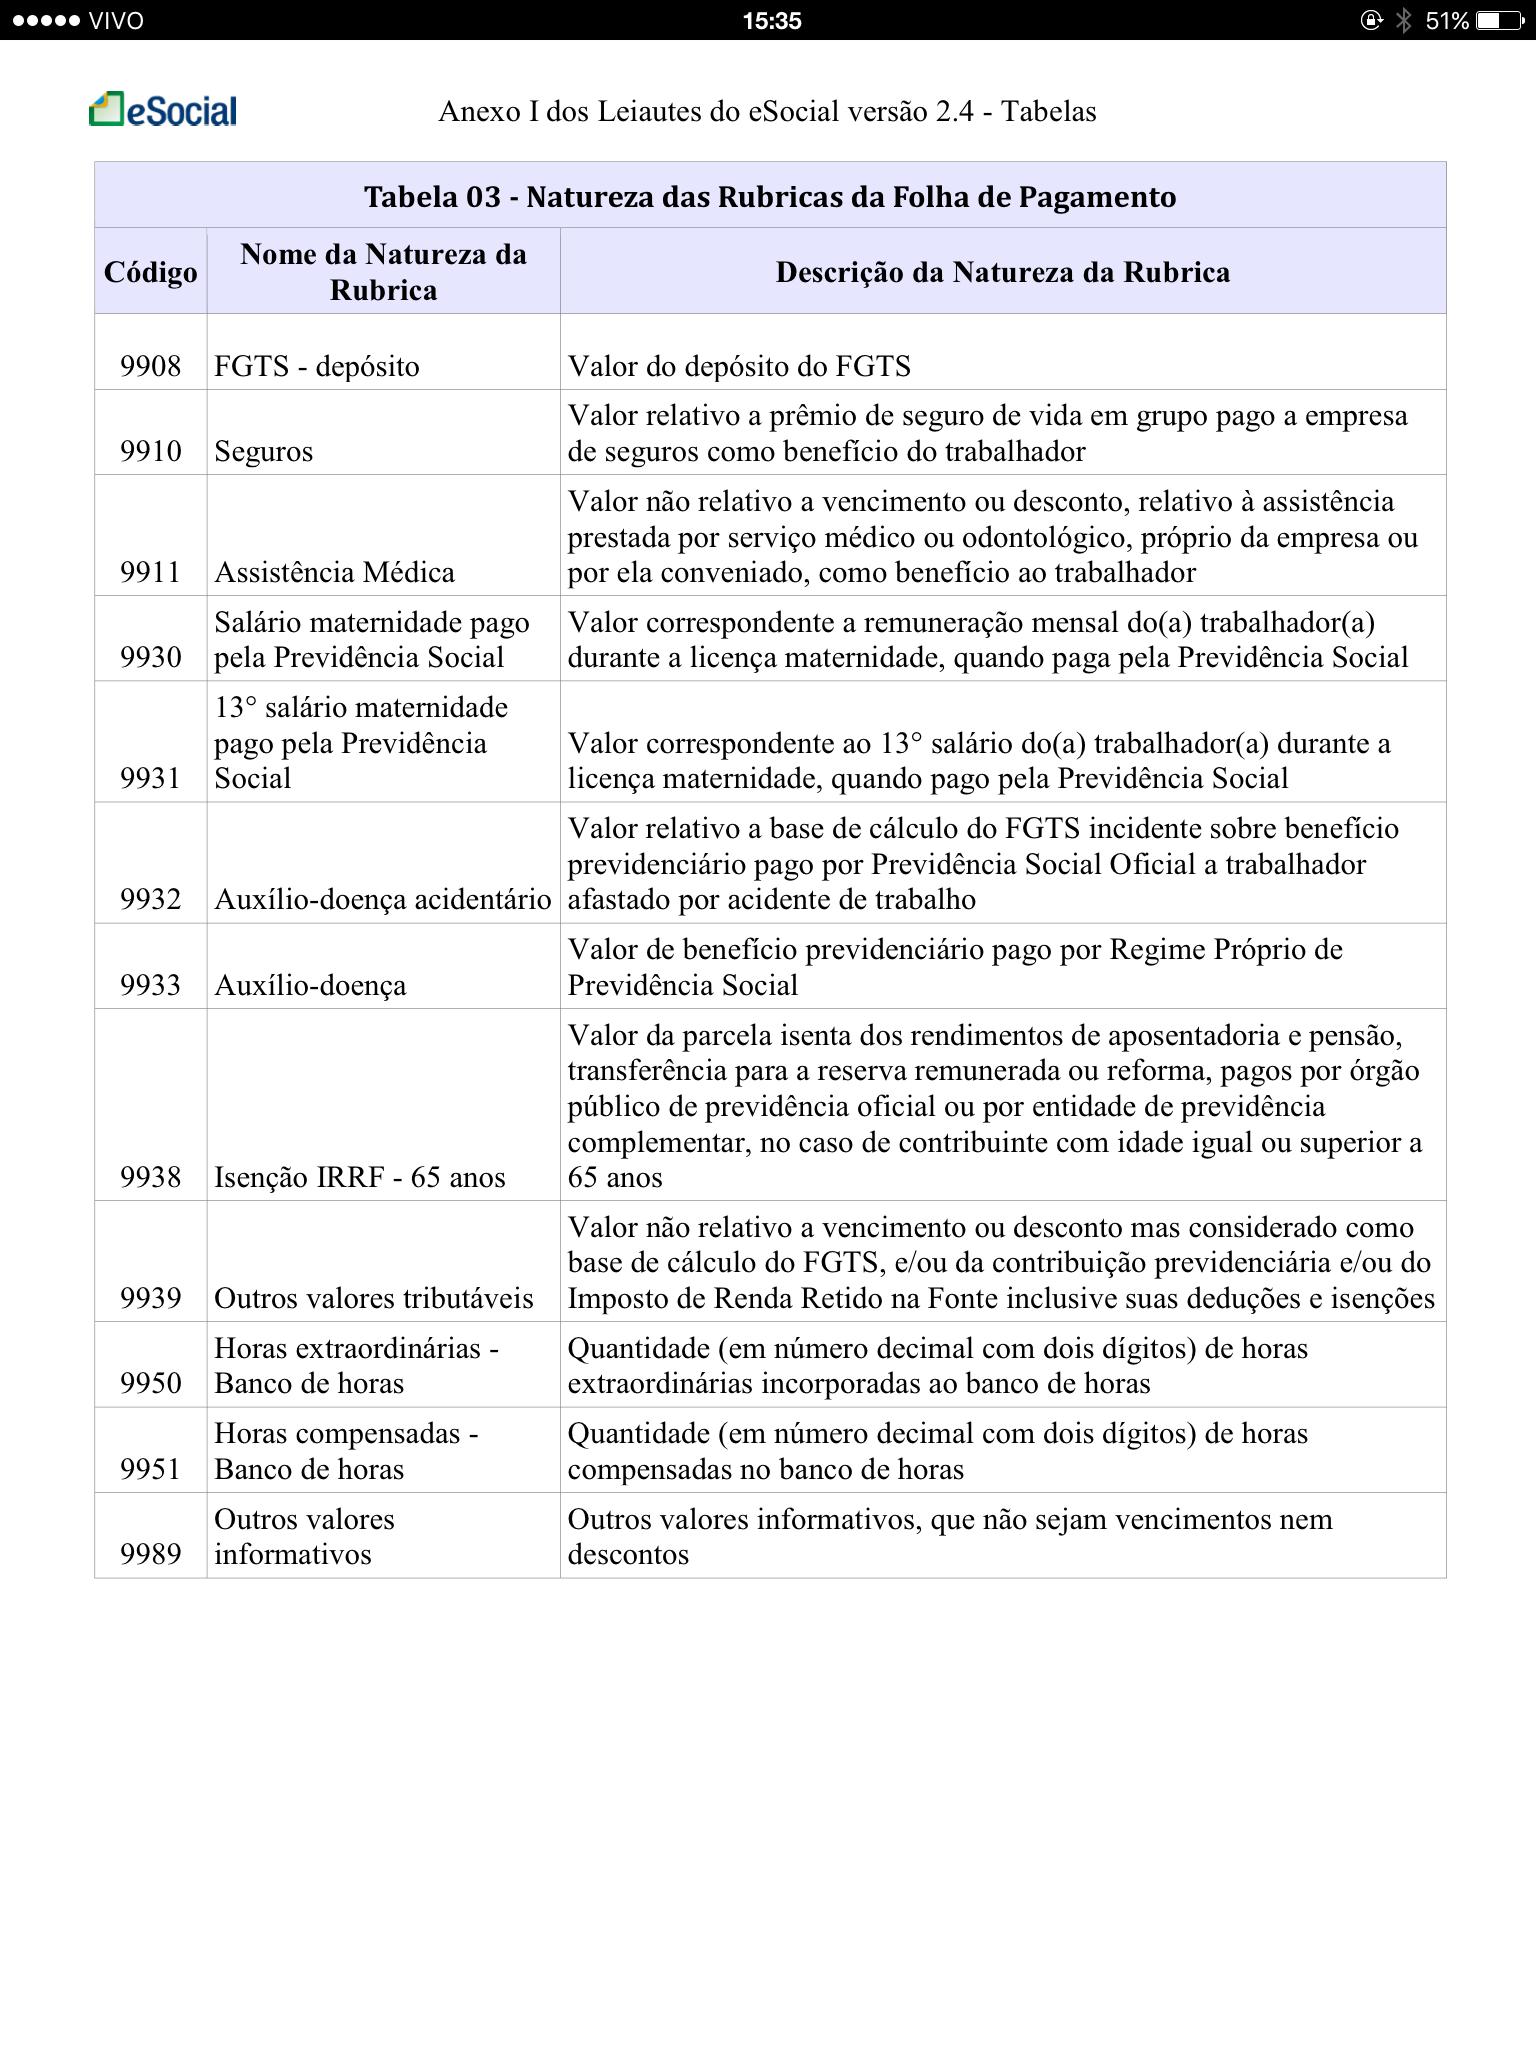 Tabela 3 Natureza das Rubricas da Folha de Pagamento 10